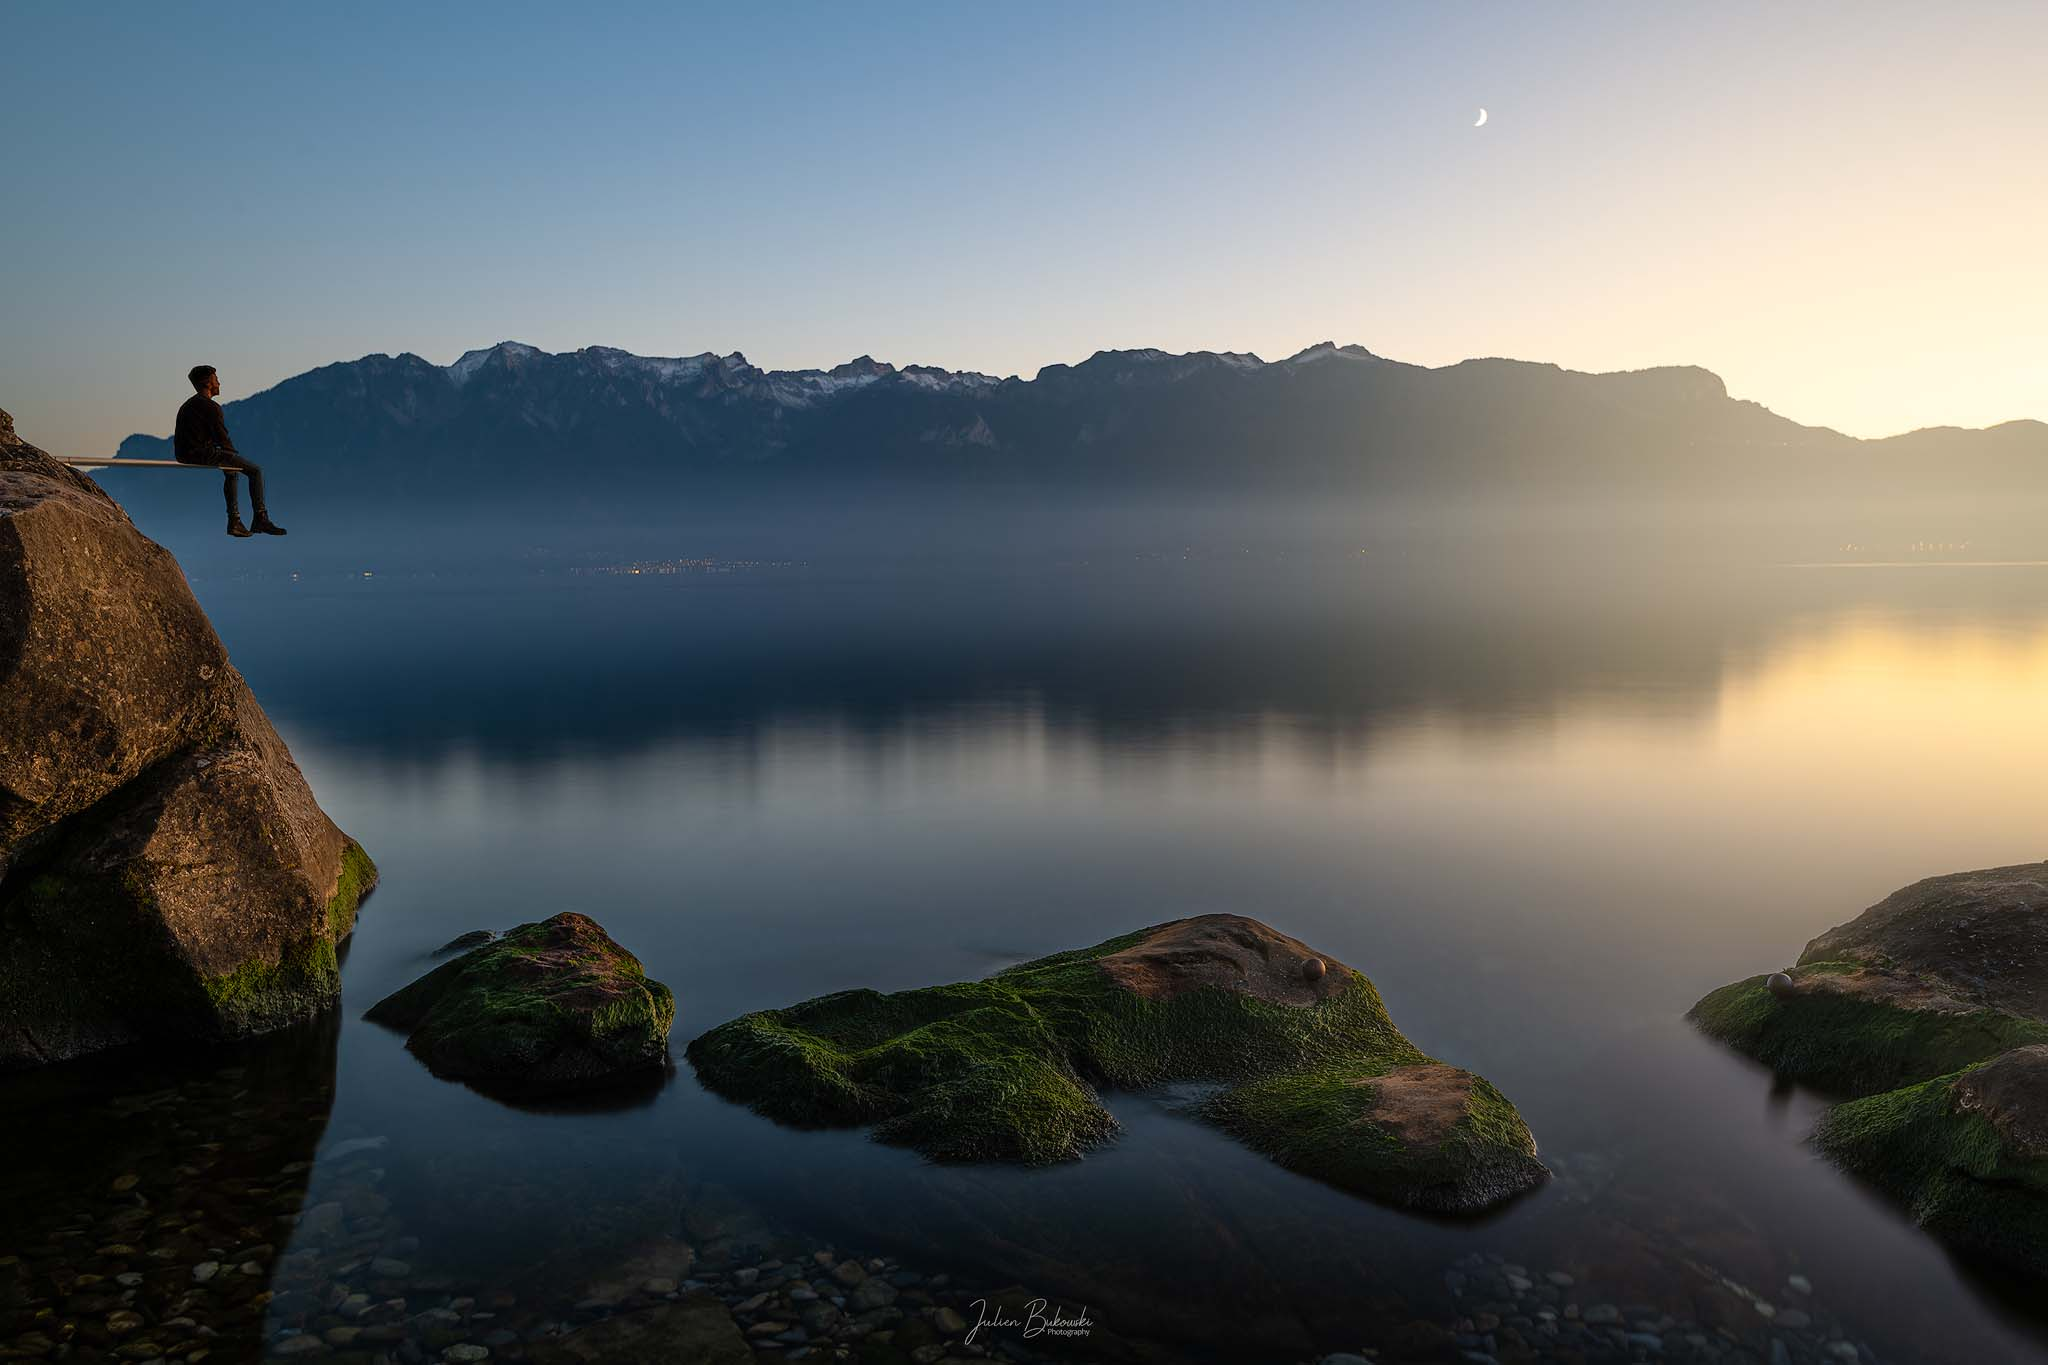 Contemplation-St Saphorin-Suisse-Lac Leman-Alpes-coucher du soleil-plongeoir-belle photo-Grammont-Julien Bukowski-minimalisme